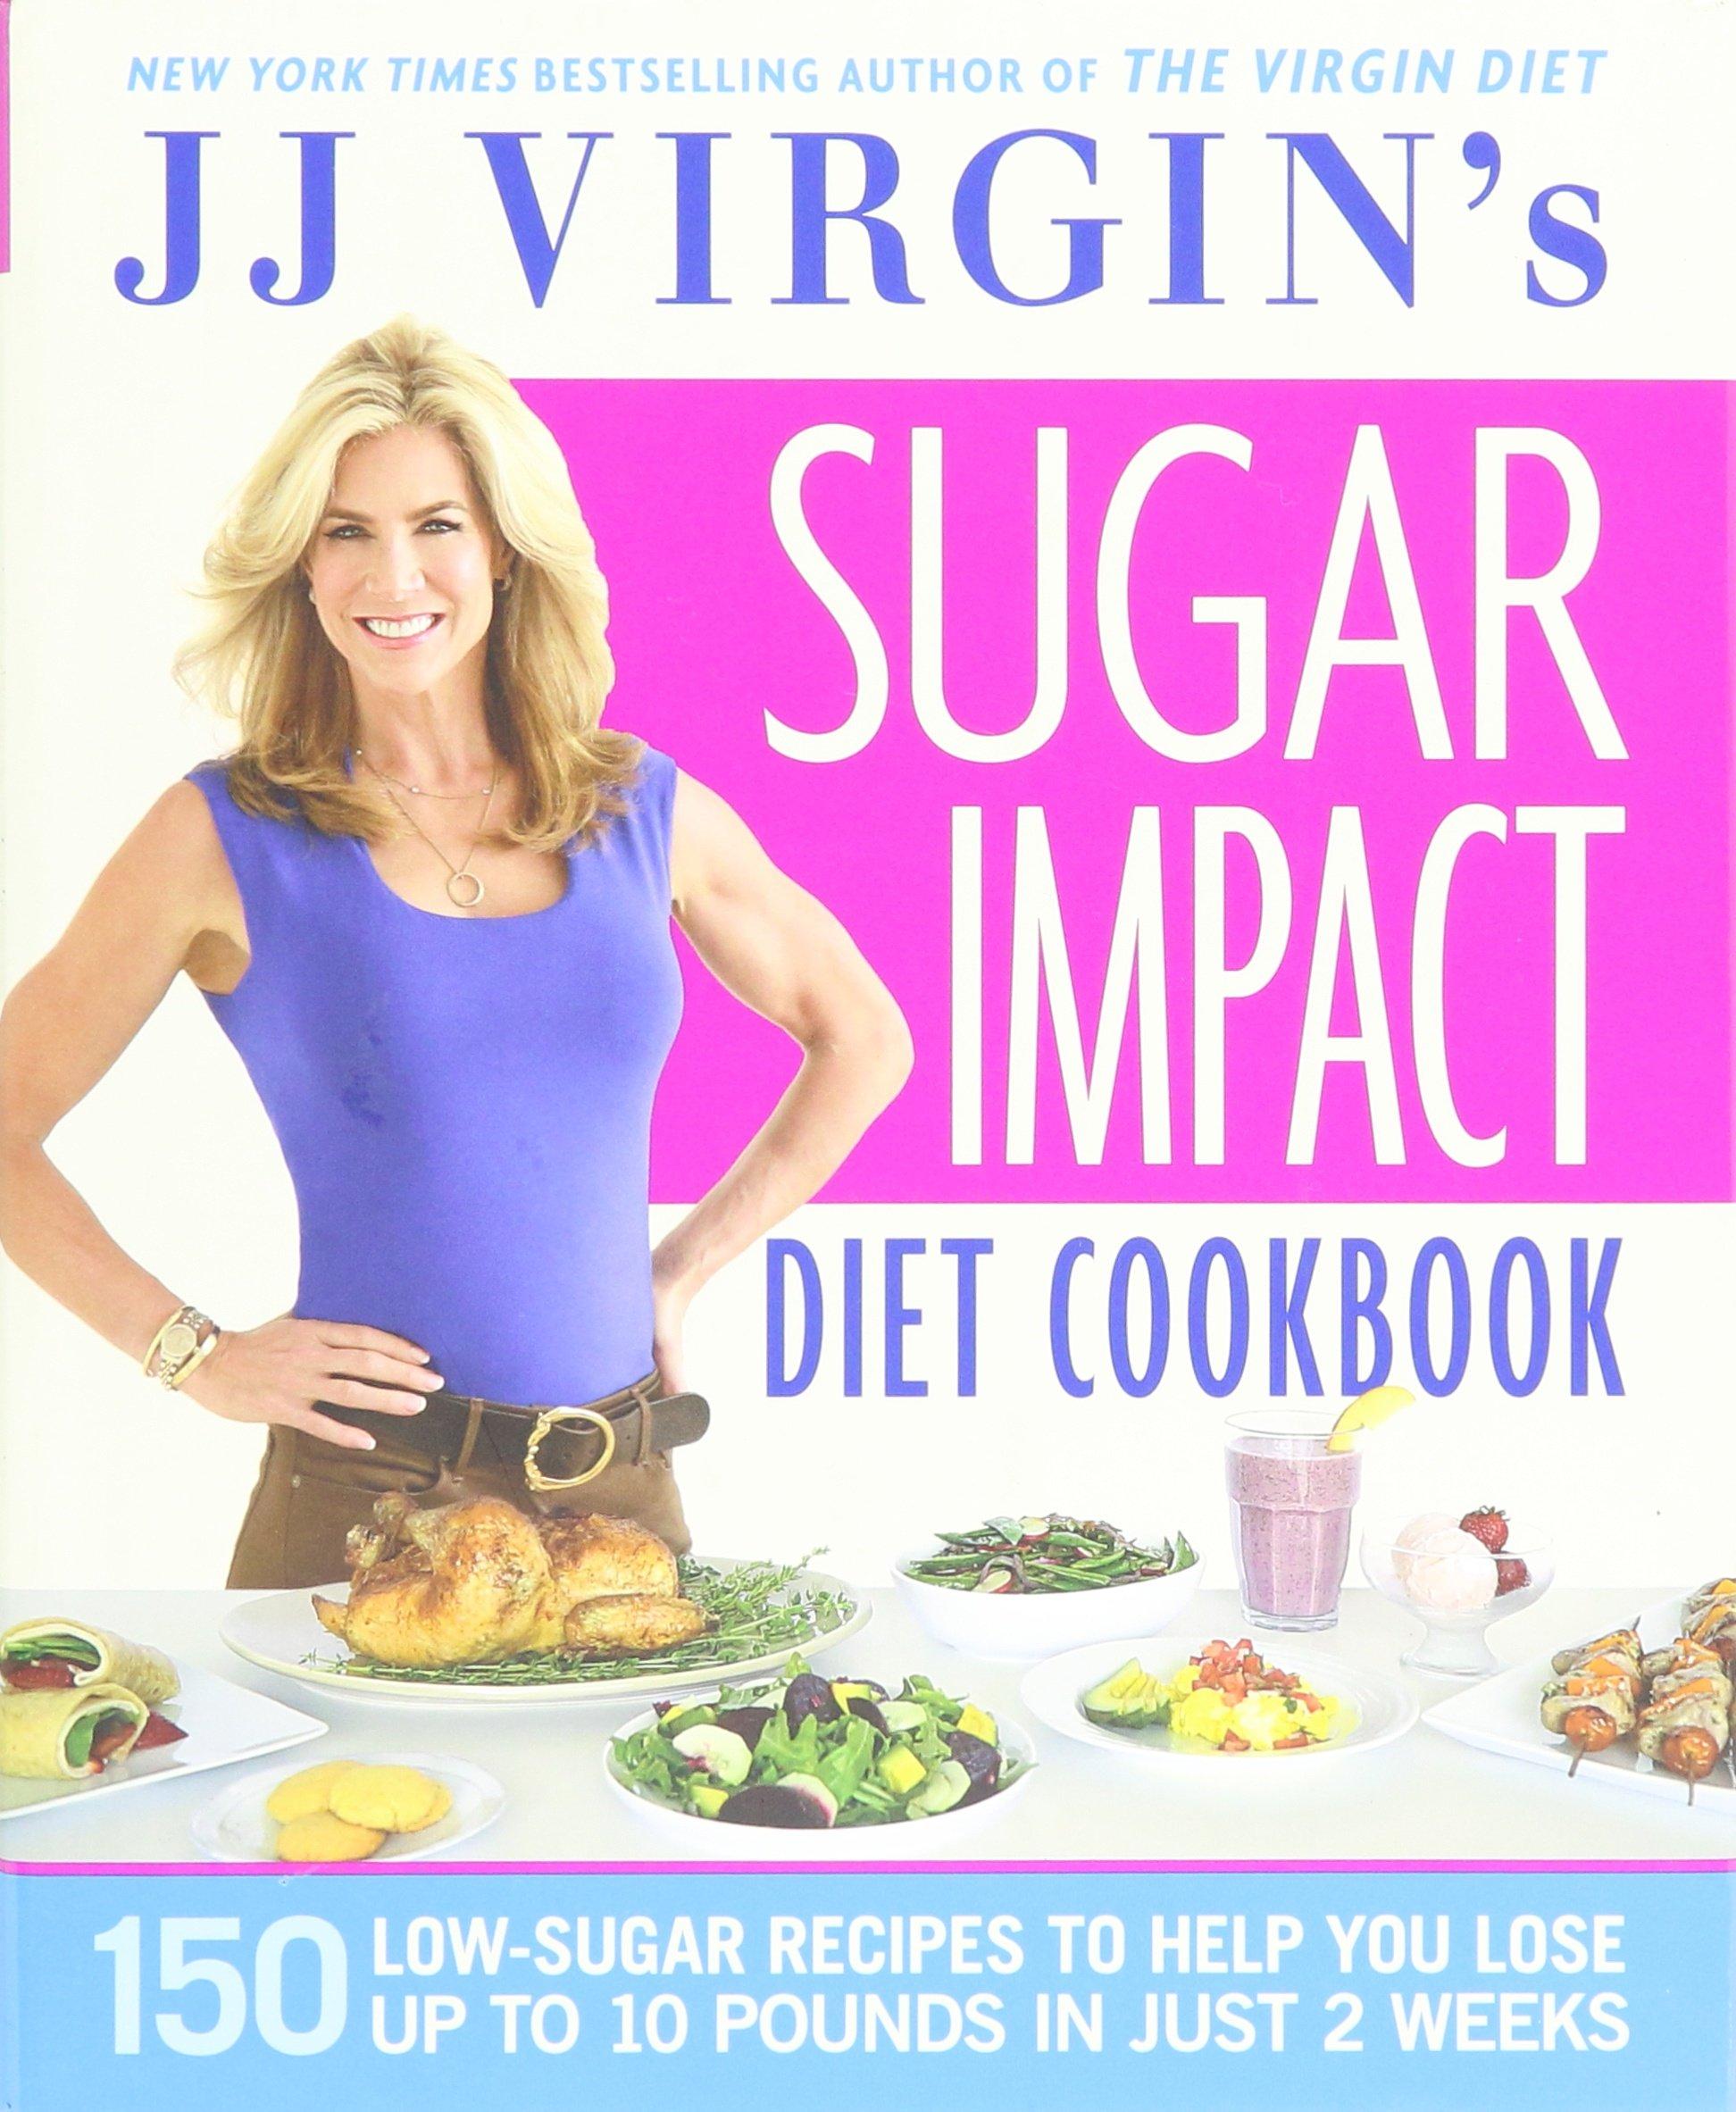 Jj virgin diet weight loss